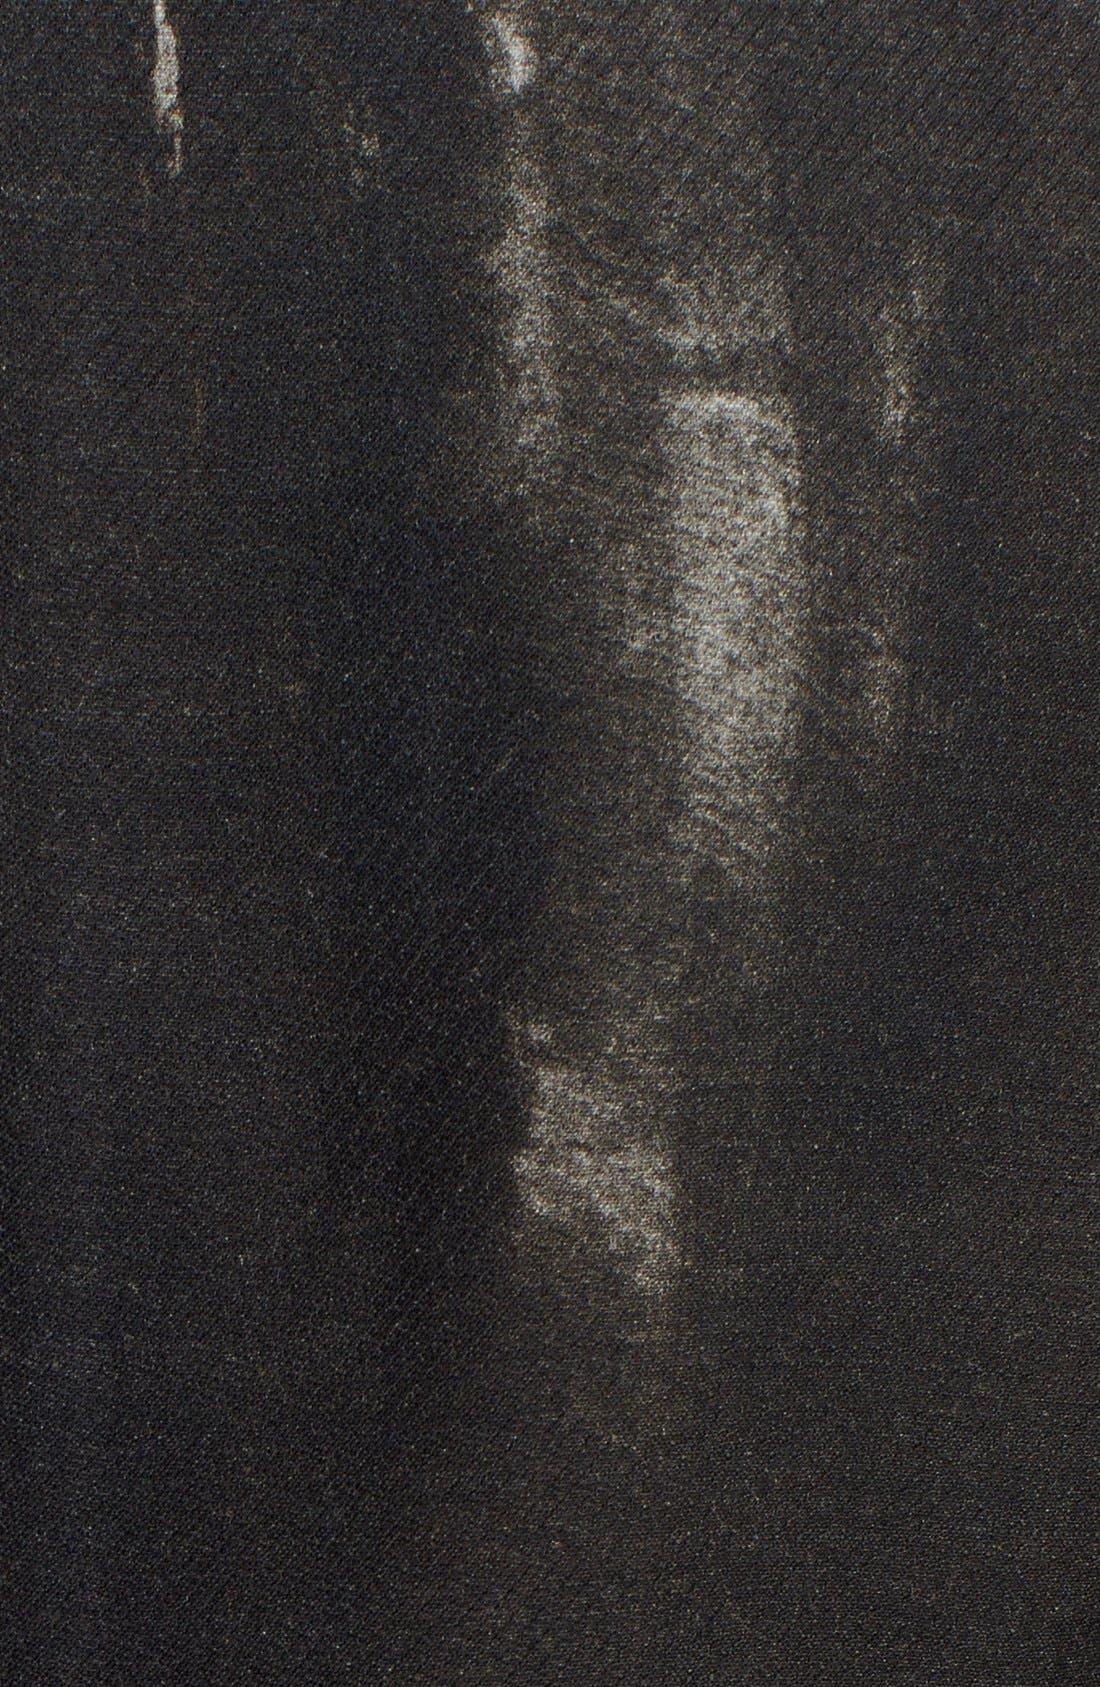 Donna Karan Collection 'Raku Brushstroke' Wool & Silk Jacket,                             Alternate thumbnail 3, color,                             001